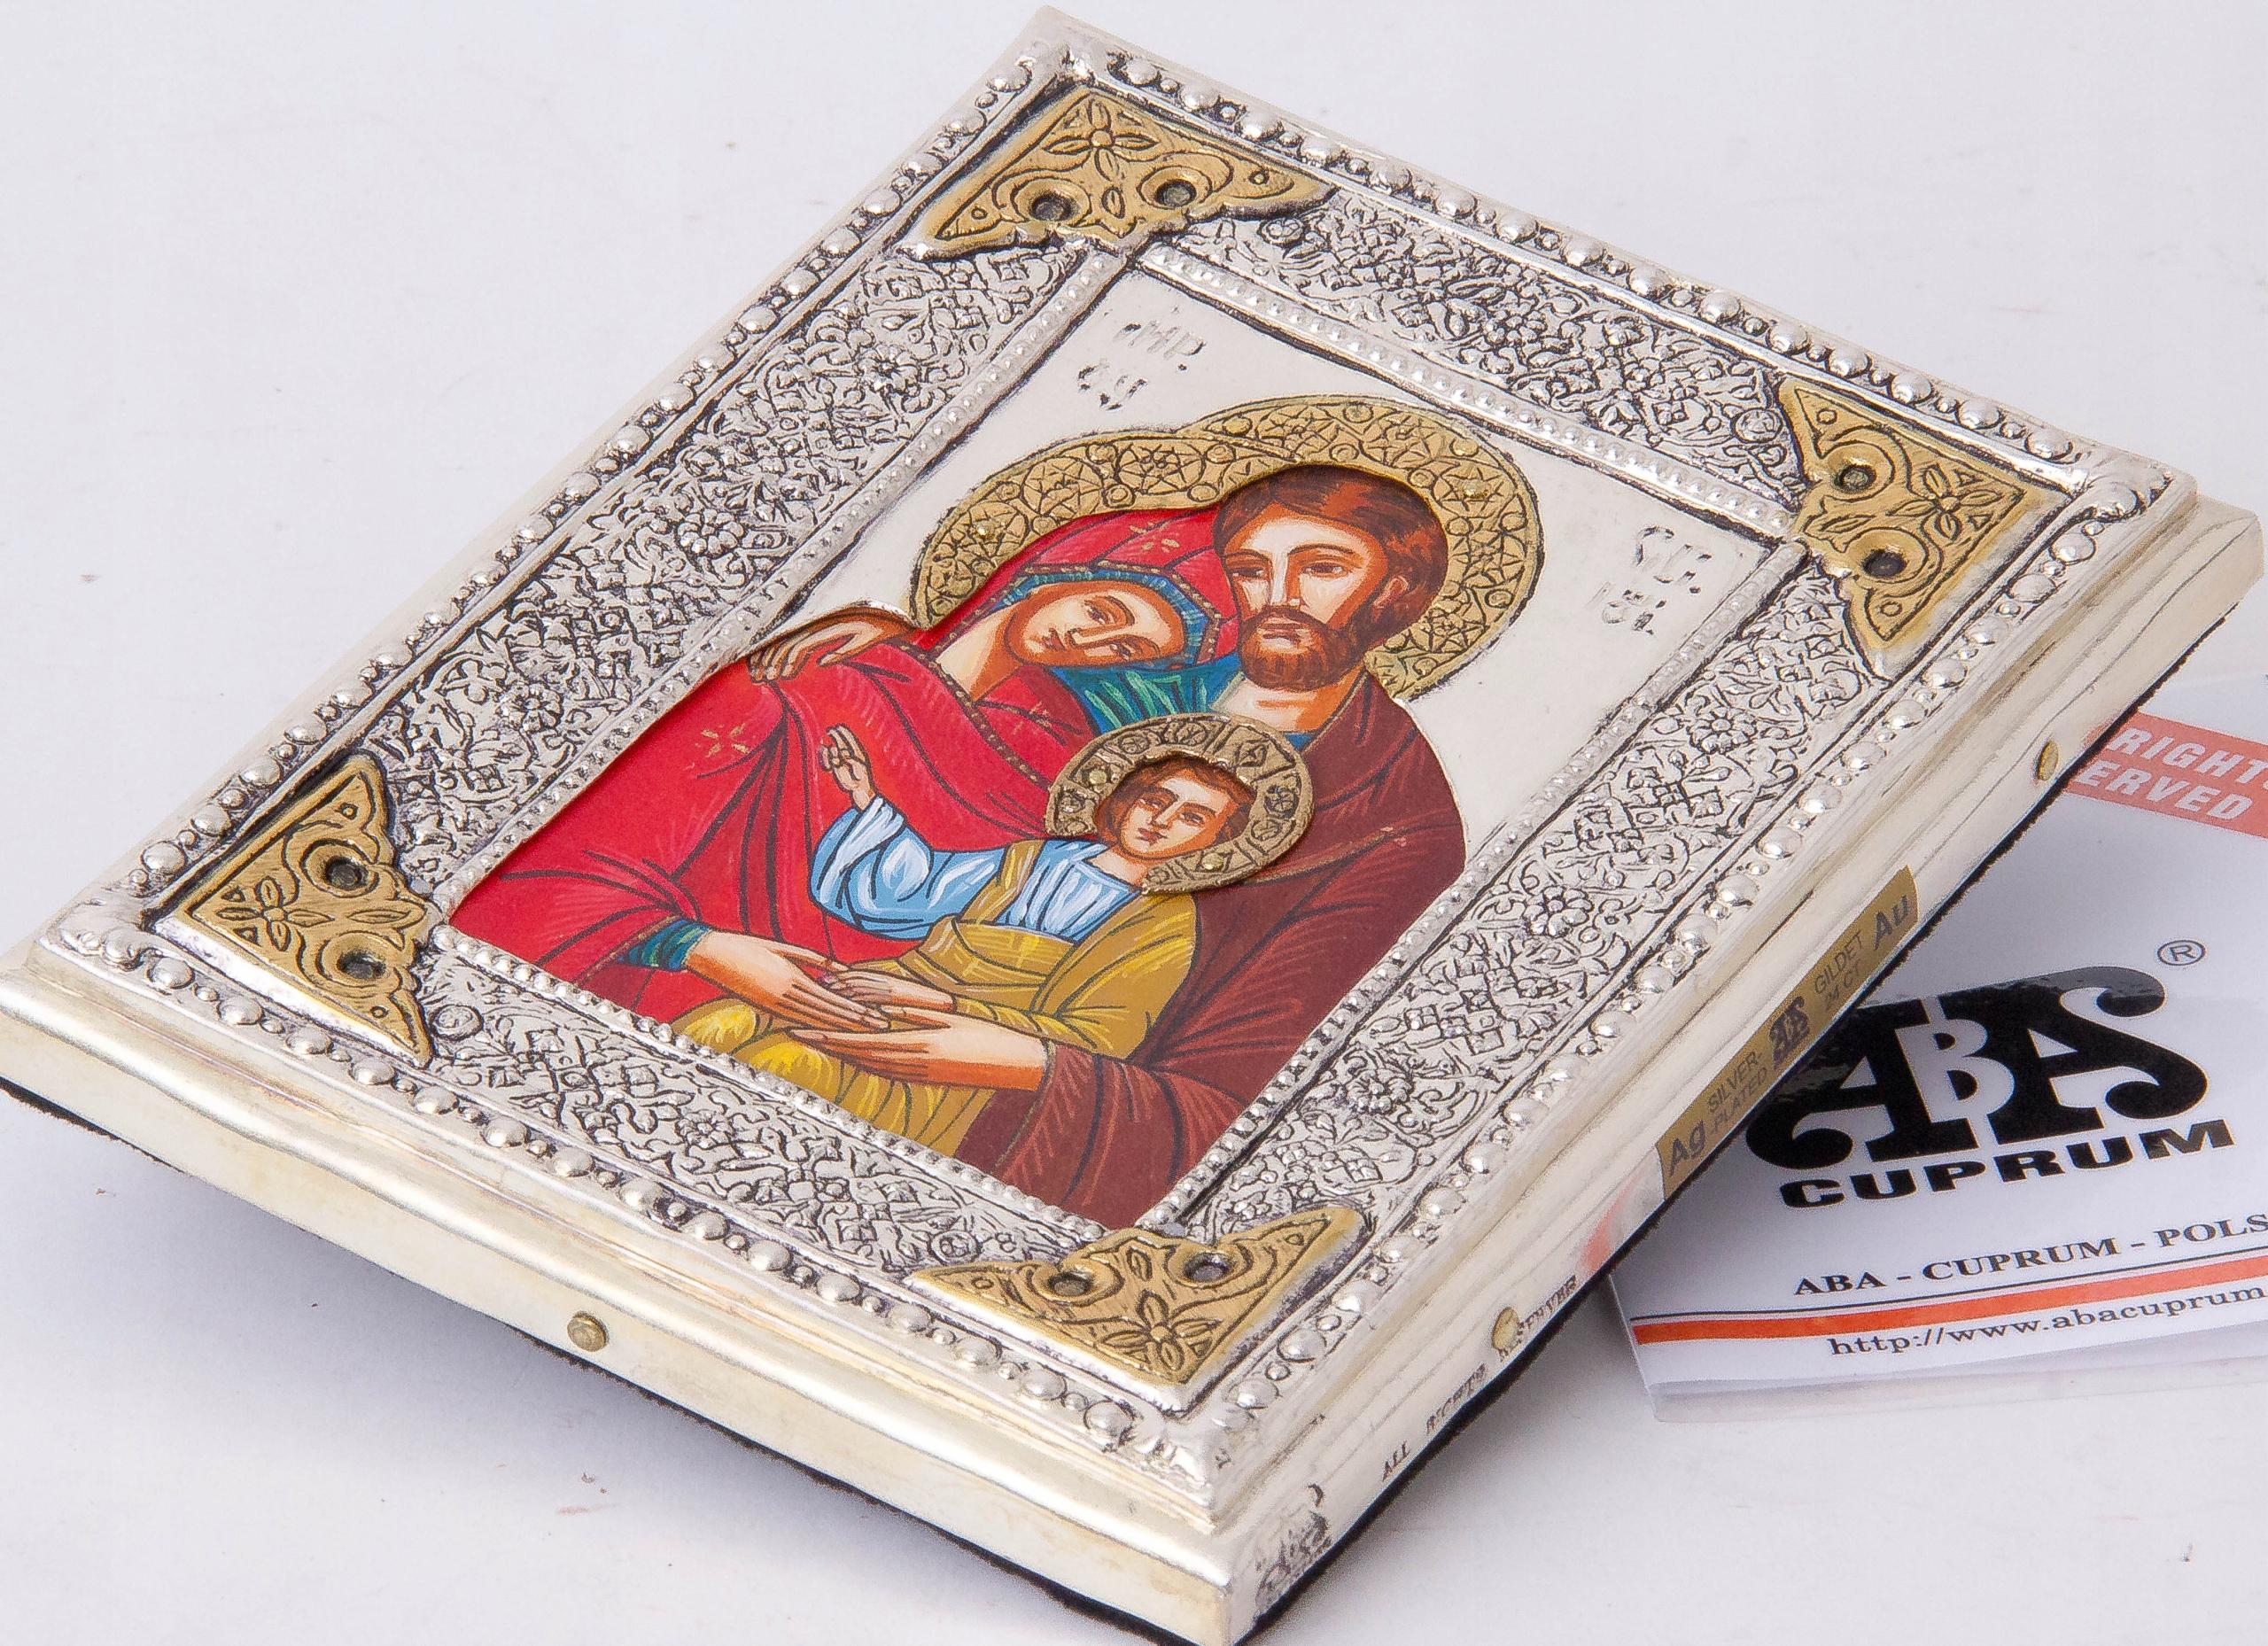 Ikona Św. Rodziny z Nazaretu! malowana nr 111P Artysta ABA Cuprum Piotr Adamczyk